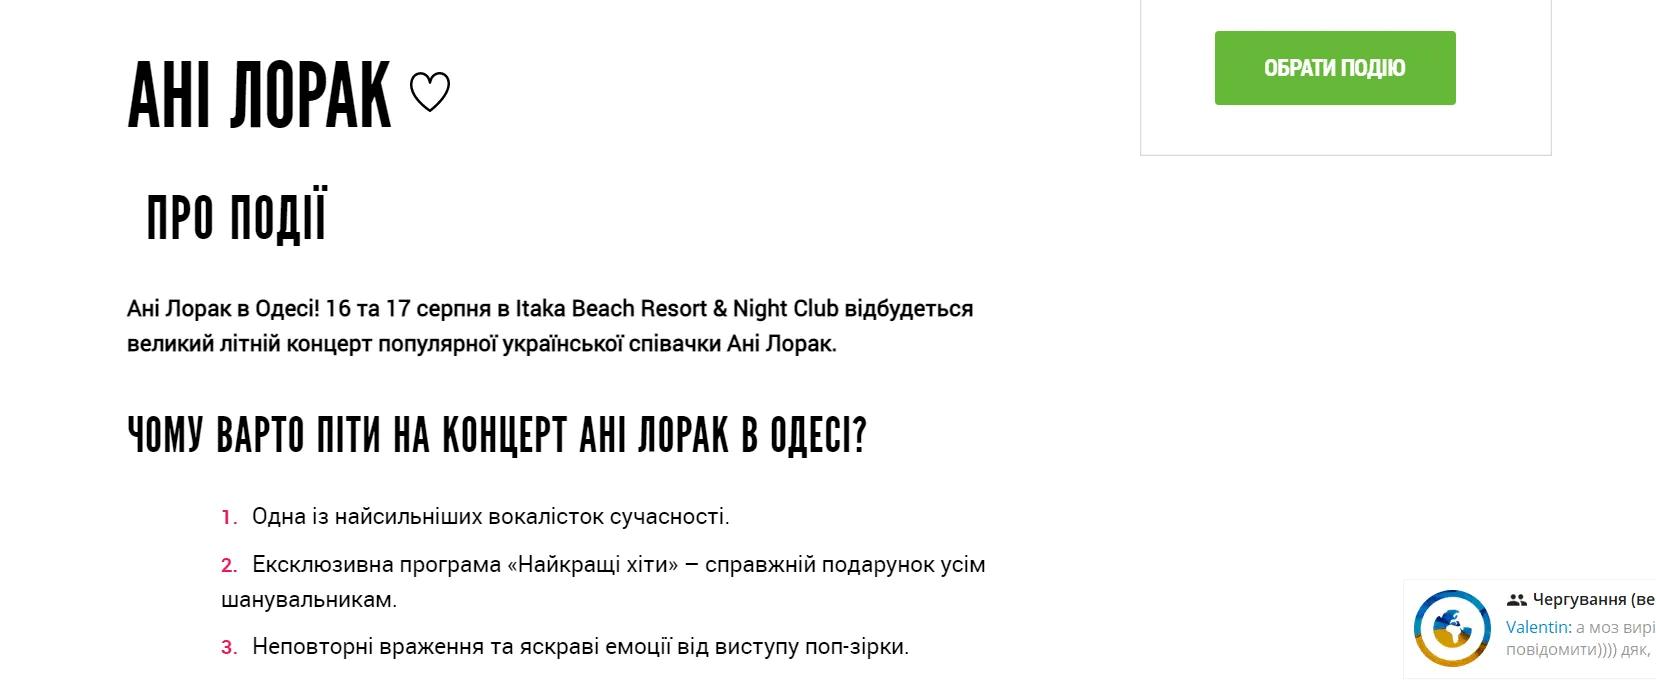 Лорак планує дати в Одесі два концерти.